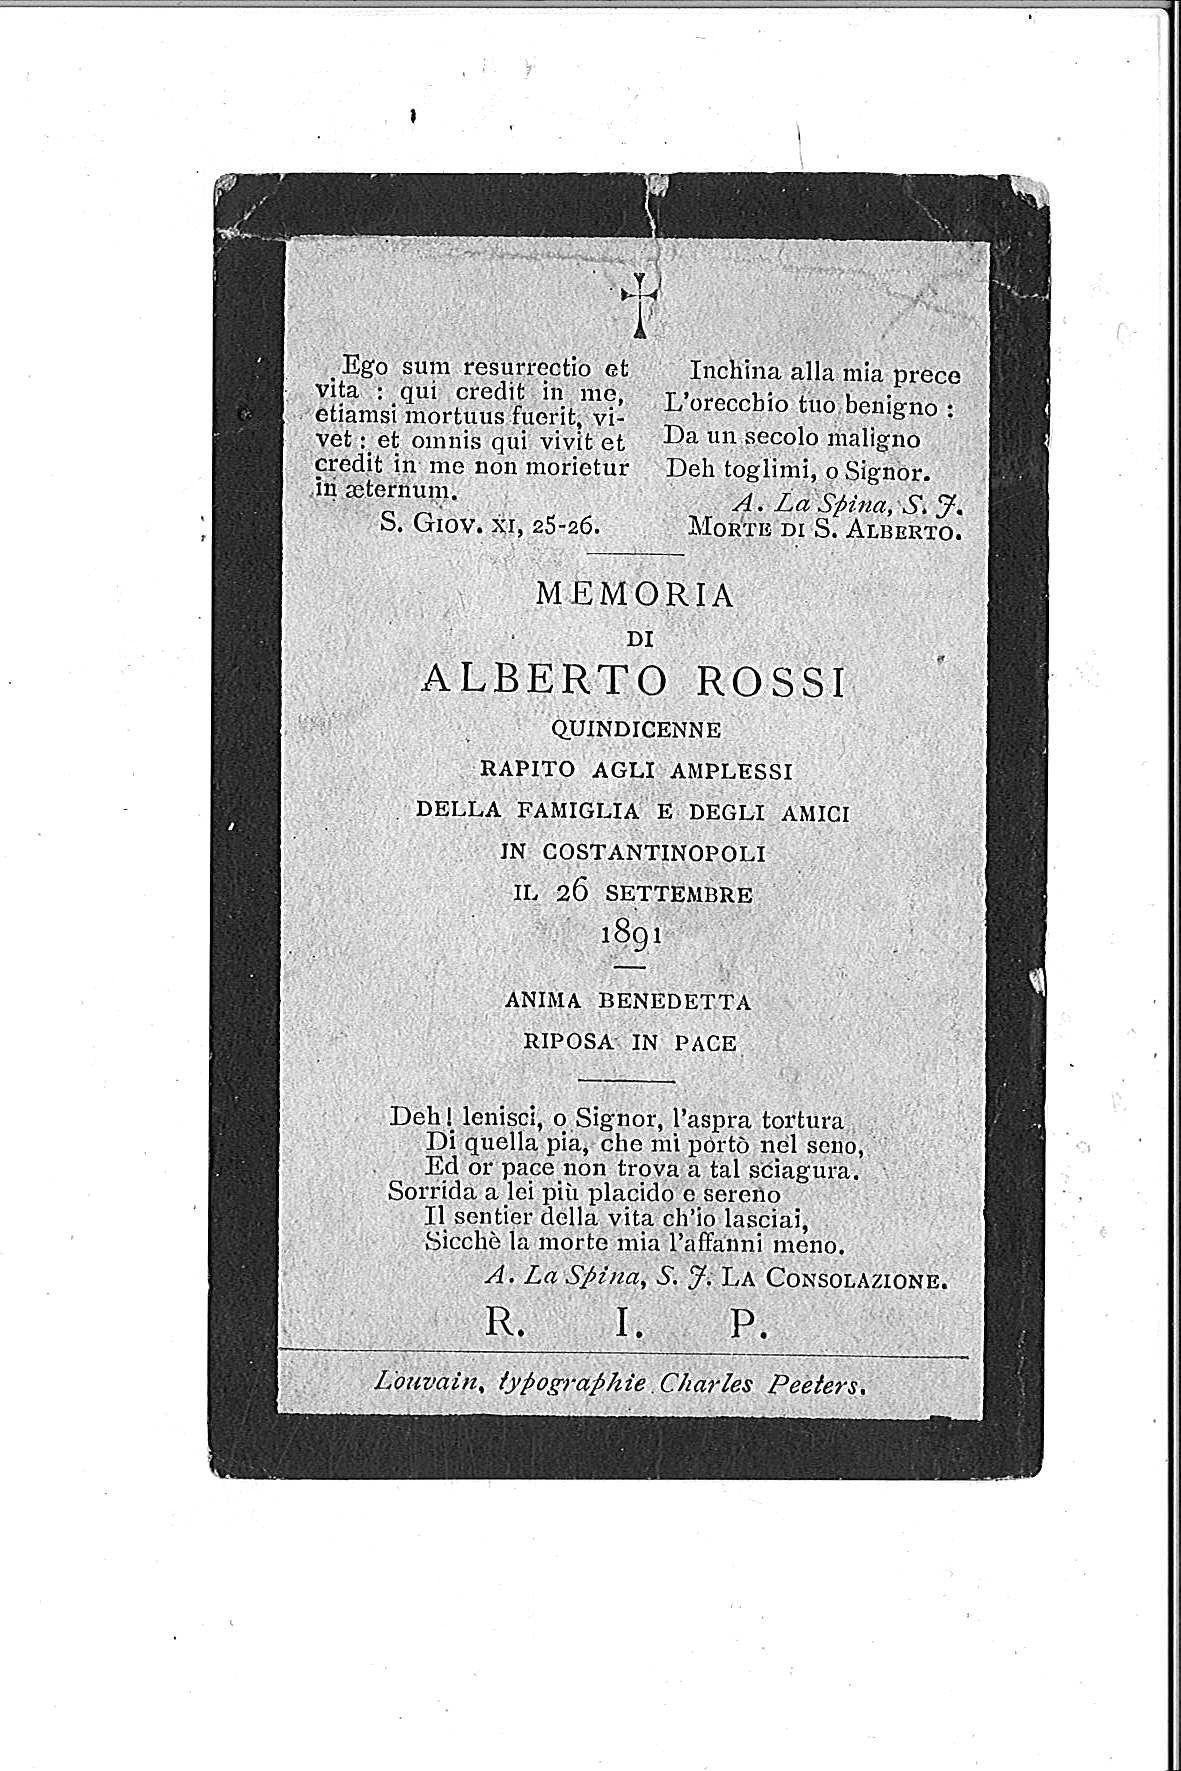 Alberto(1891)20141222151037_00001.jpg